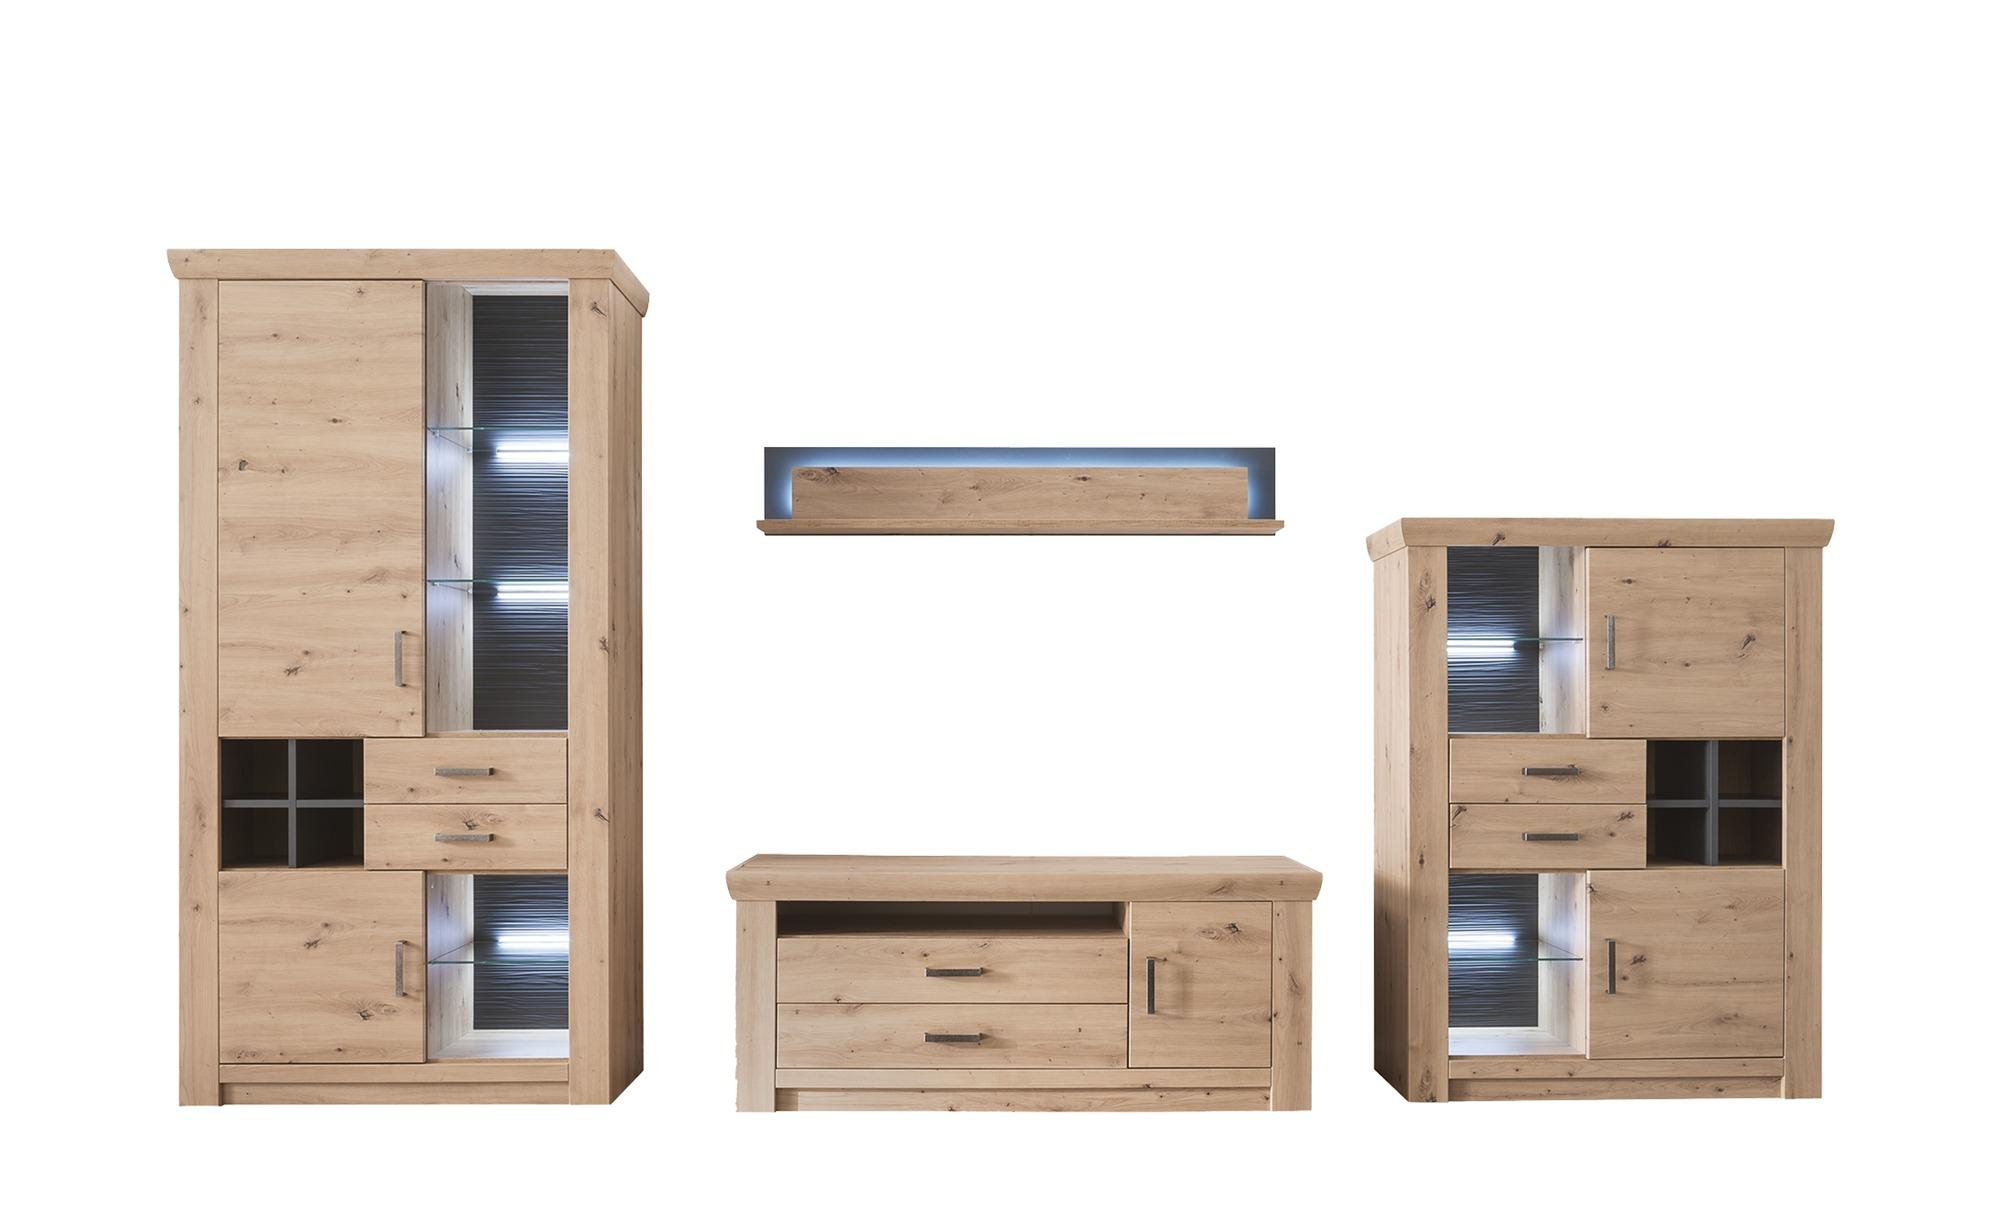 uno Wohnkombination  Marian - holzfarben - 371 cm - 211 cm - 55 cm - Wohnwände > Anbauwände - Möbel Kraft   Wohnzimmer > Schränke > Wohnwände   uno